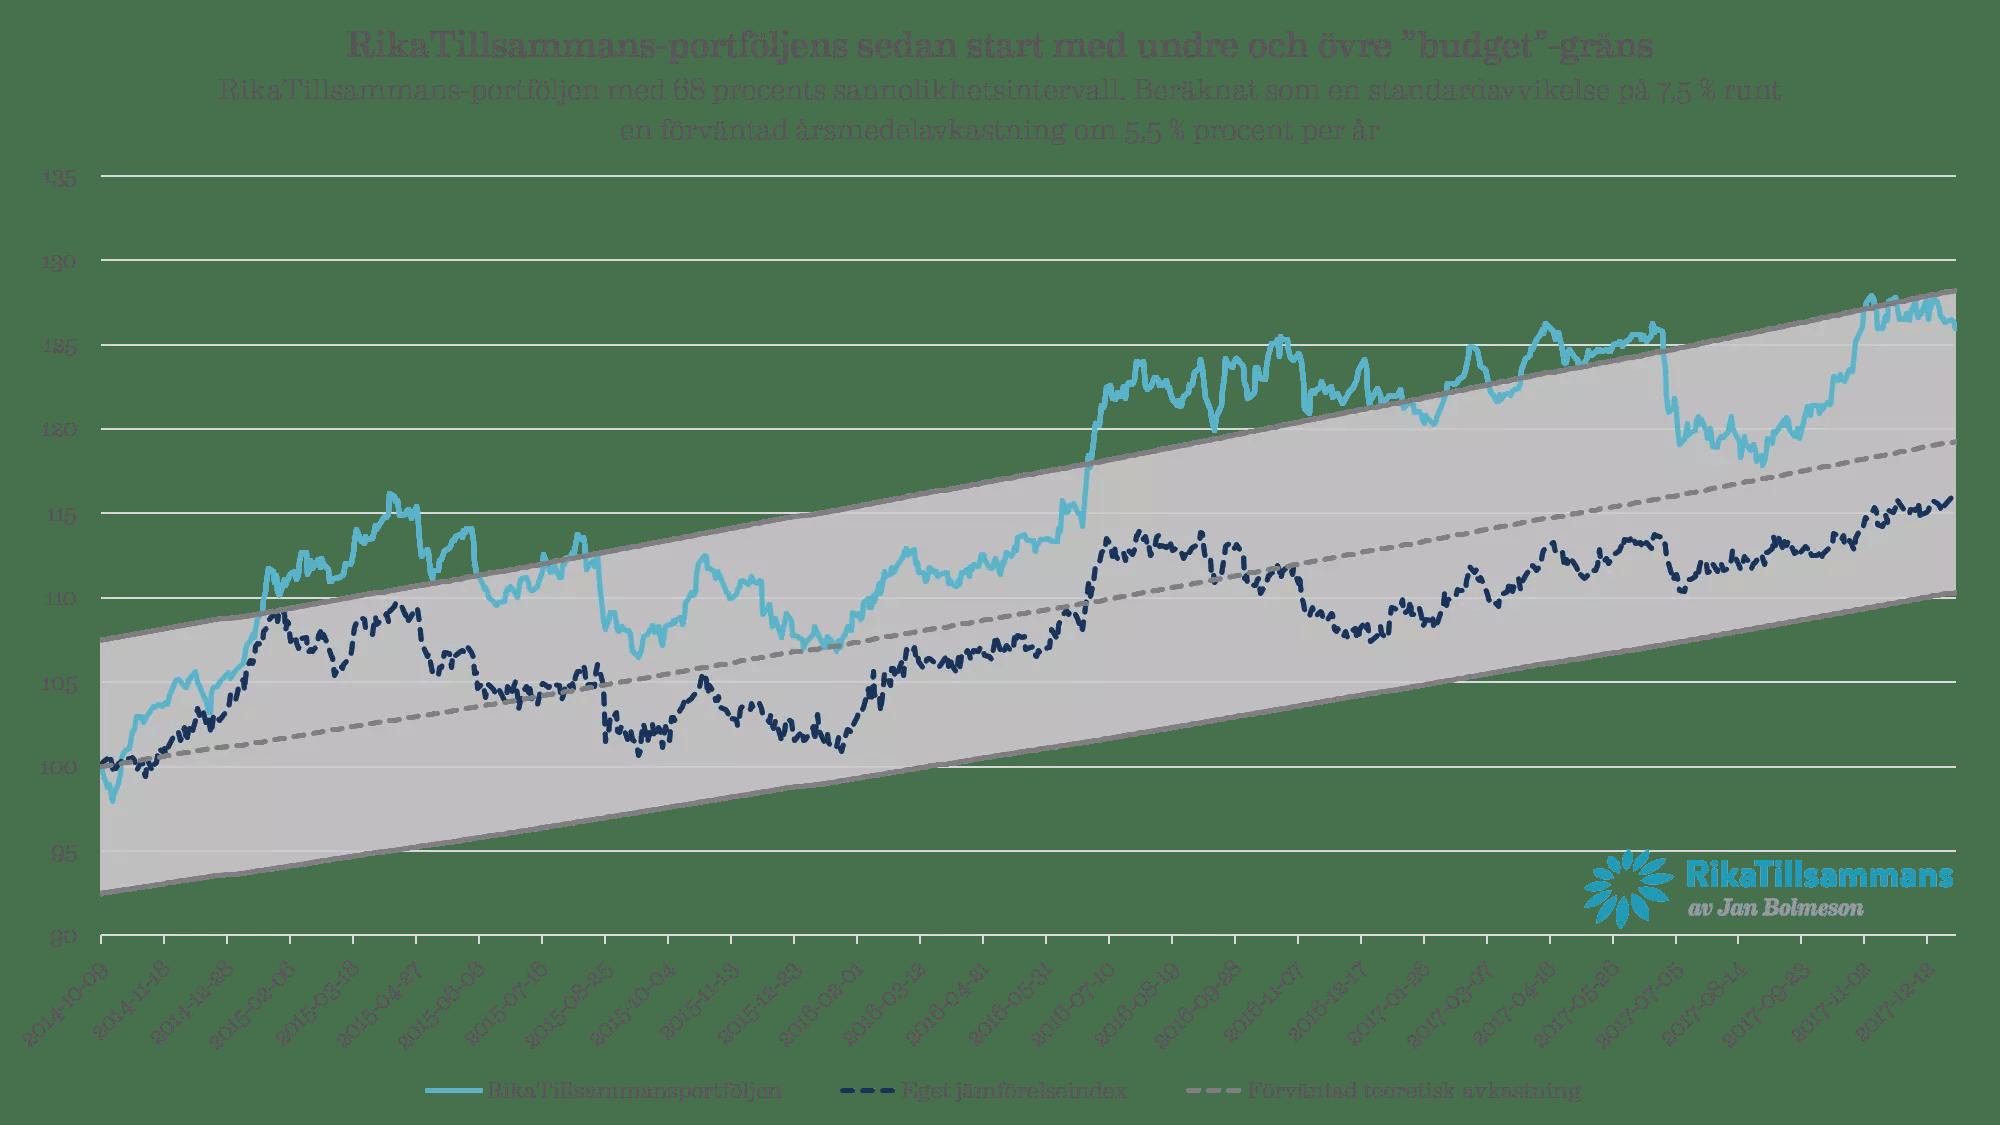 """RikaTillsammans-portföljens sedan start med undre och övre """"budget""""-gräns RikaTillsammans-portföljen med 68 procents sannolikhetsintervall. Beräknat som en standardavvikelse på 7,5 % runt en förväntad årsmedelavkastning om 5,5 % procent per år"""